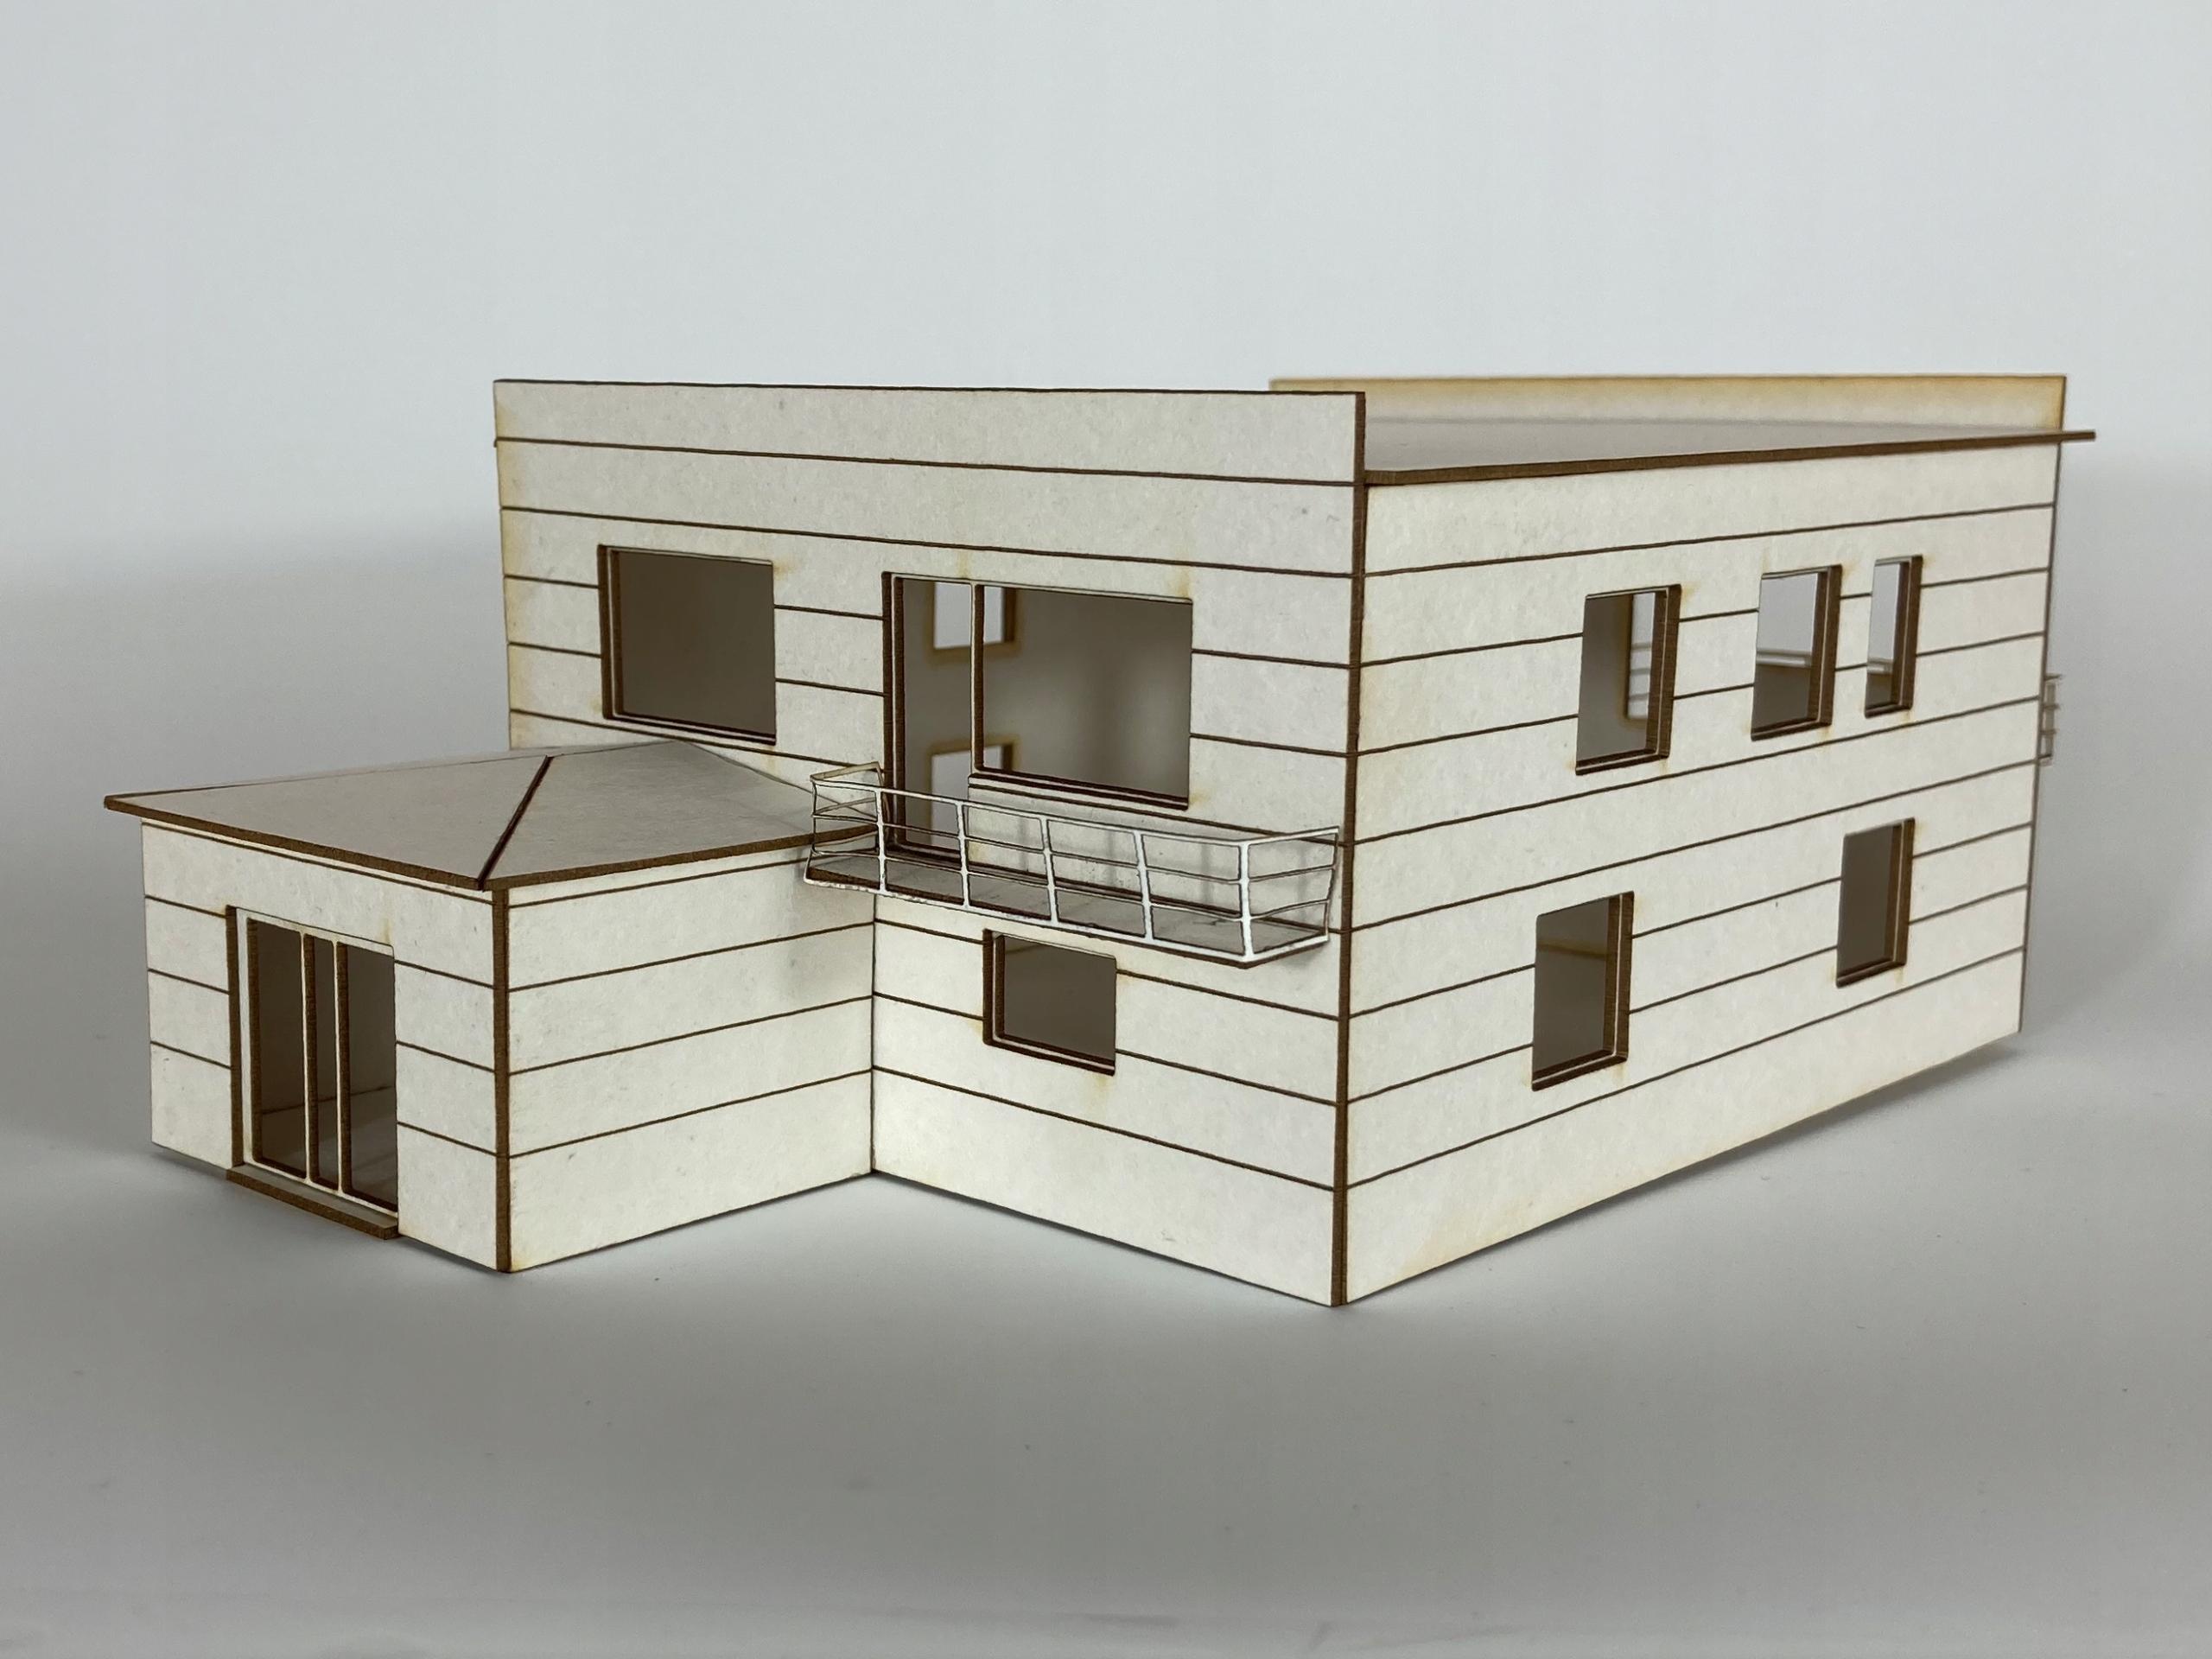 Dom jednorodzinny + garaż H0 1:87